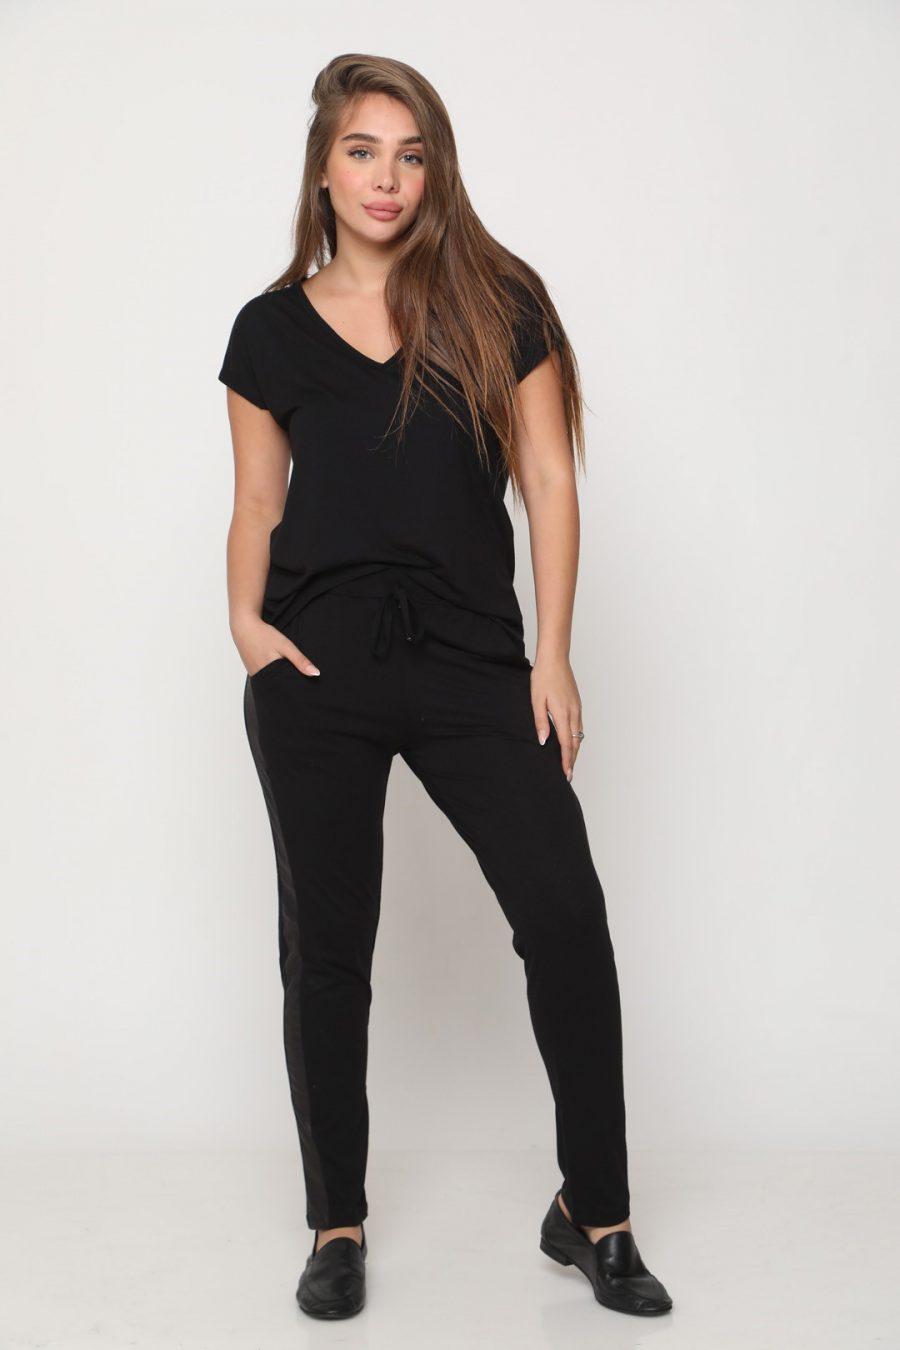 חליפה מנהטן שחורה